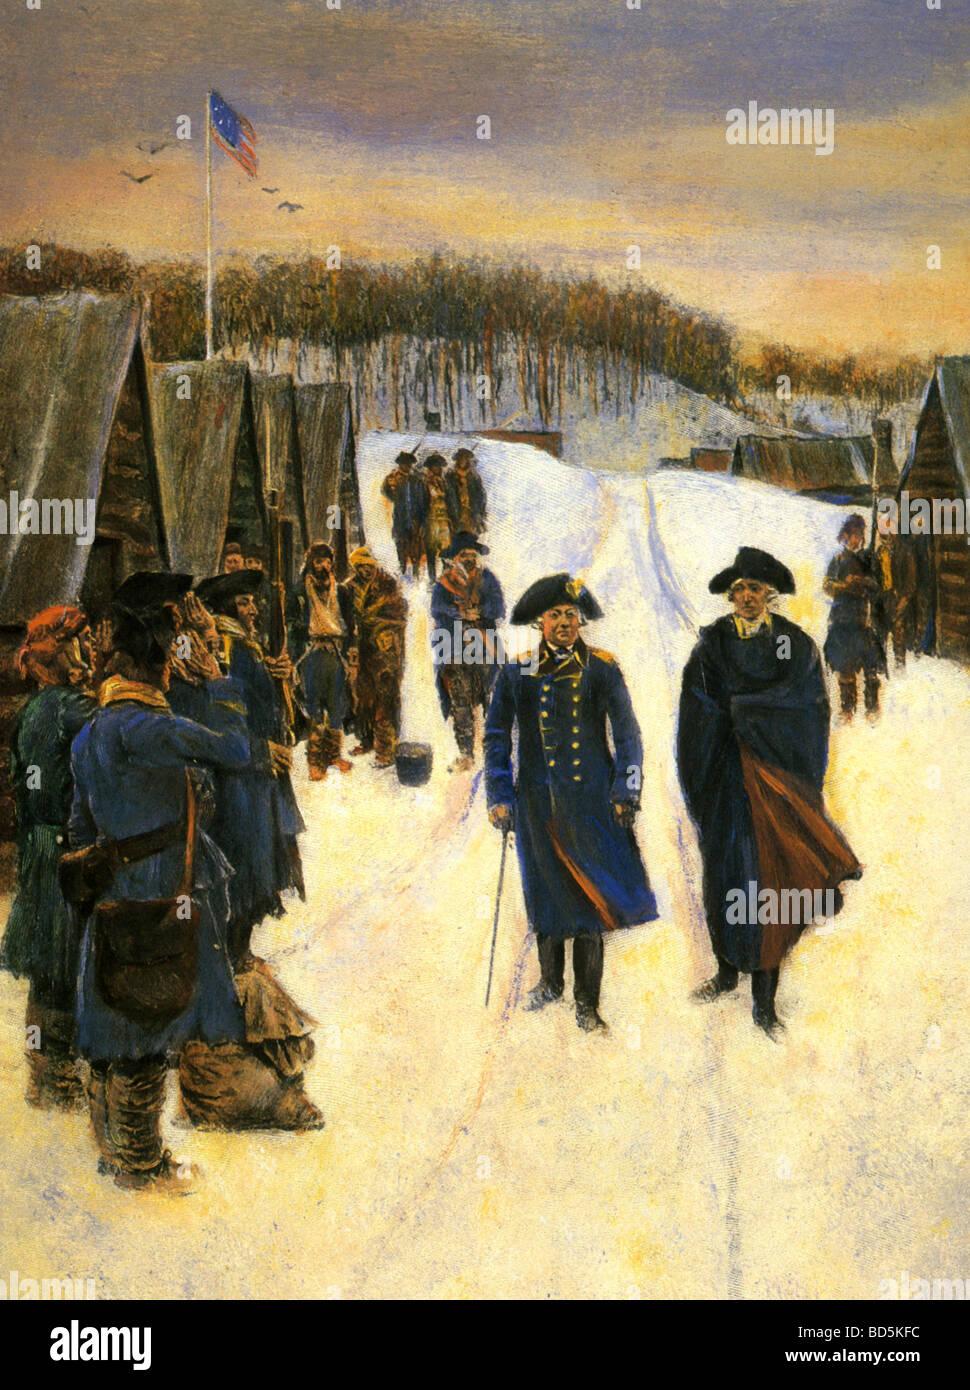 BARON FRIEDRICH VON STEUBEN auf der linken Seite und George Washington mit Soldaten an der Senke-Schmiede im Jahre 1777 Stockfoto